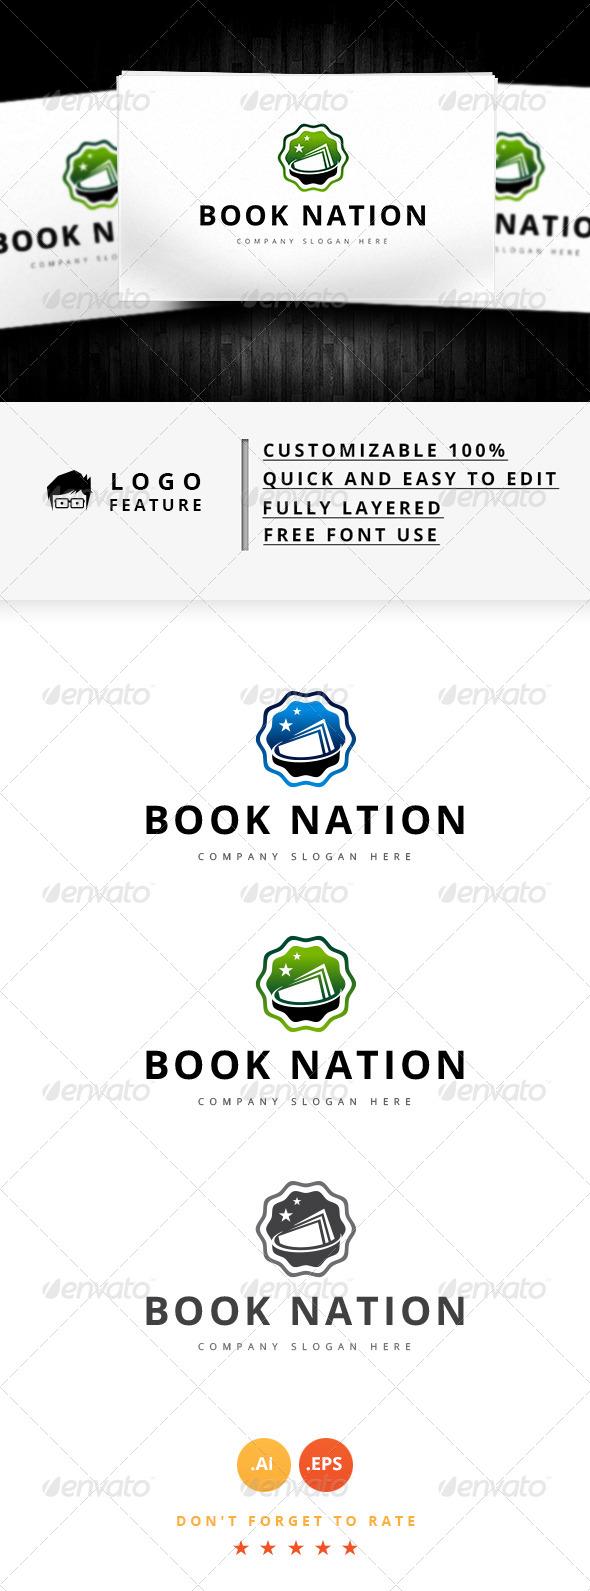 GraphicRiver Book Nation 8104821